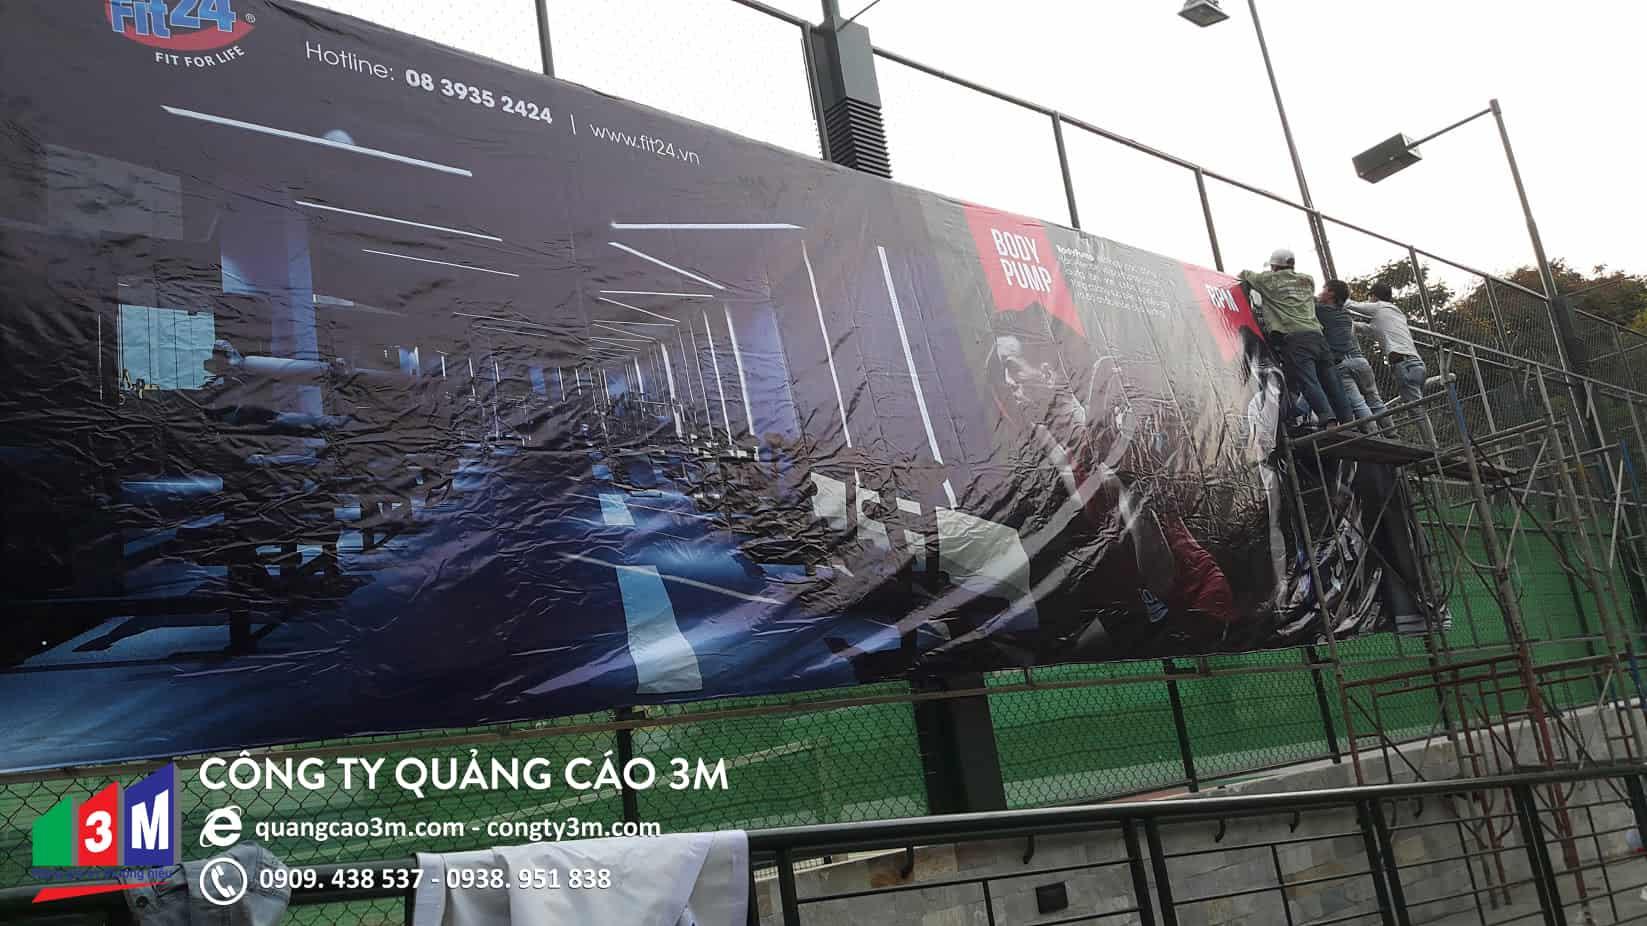 thi cong banner